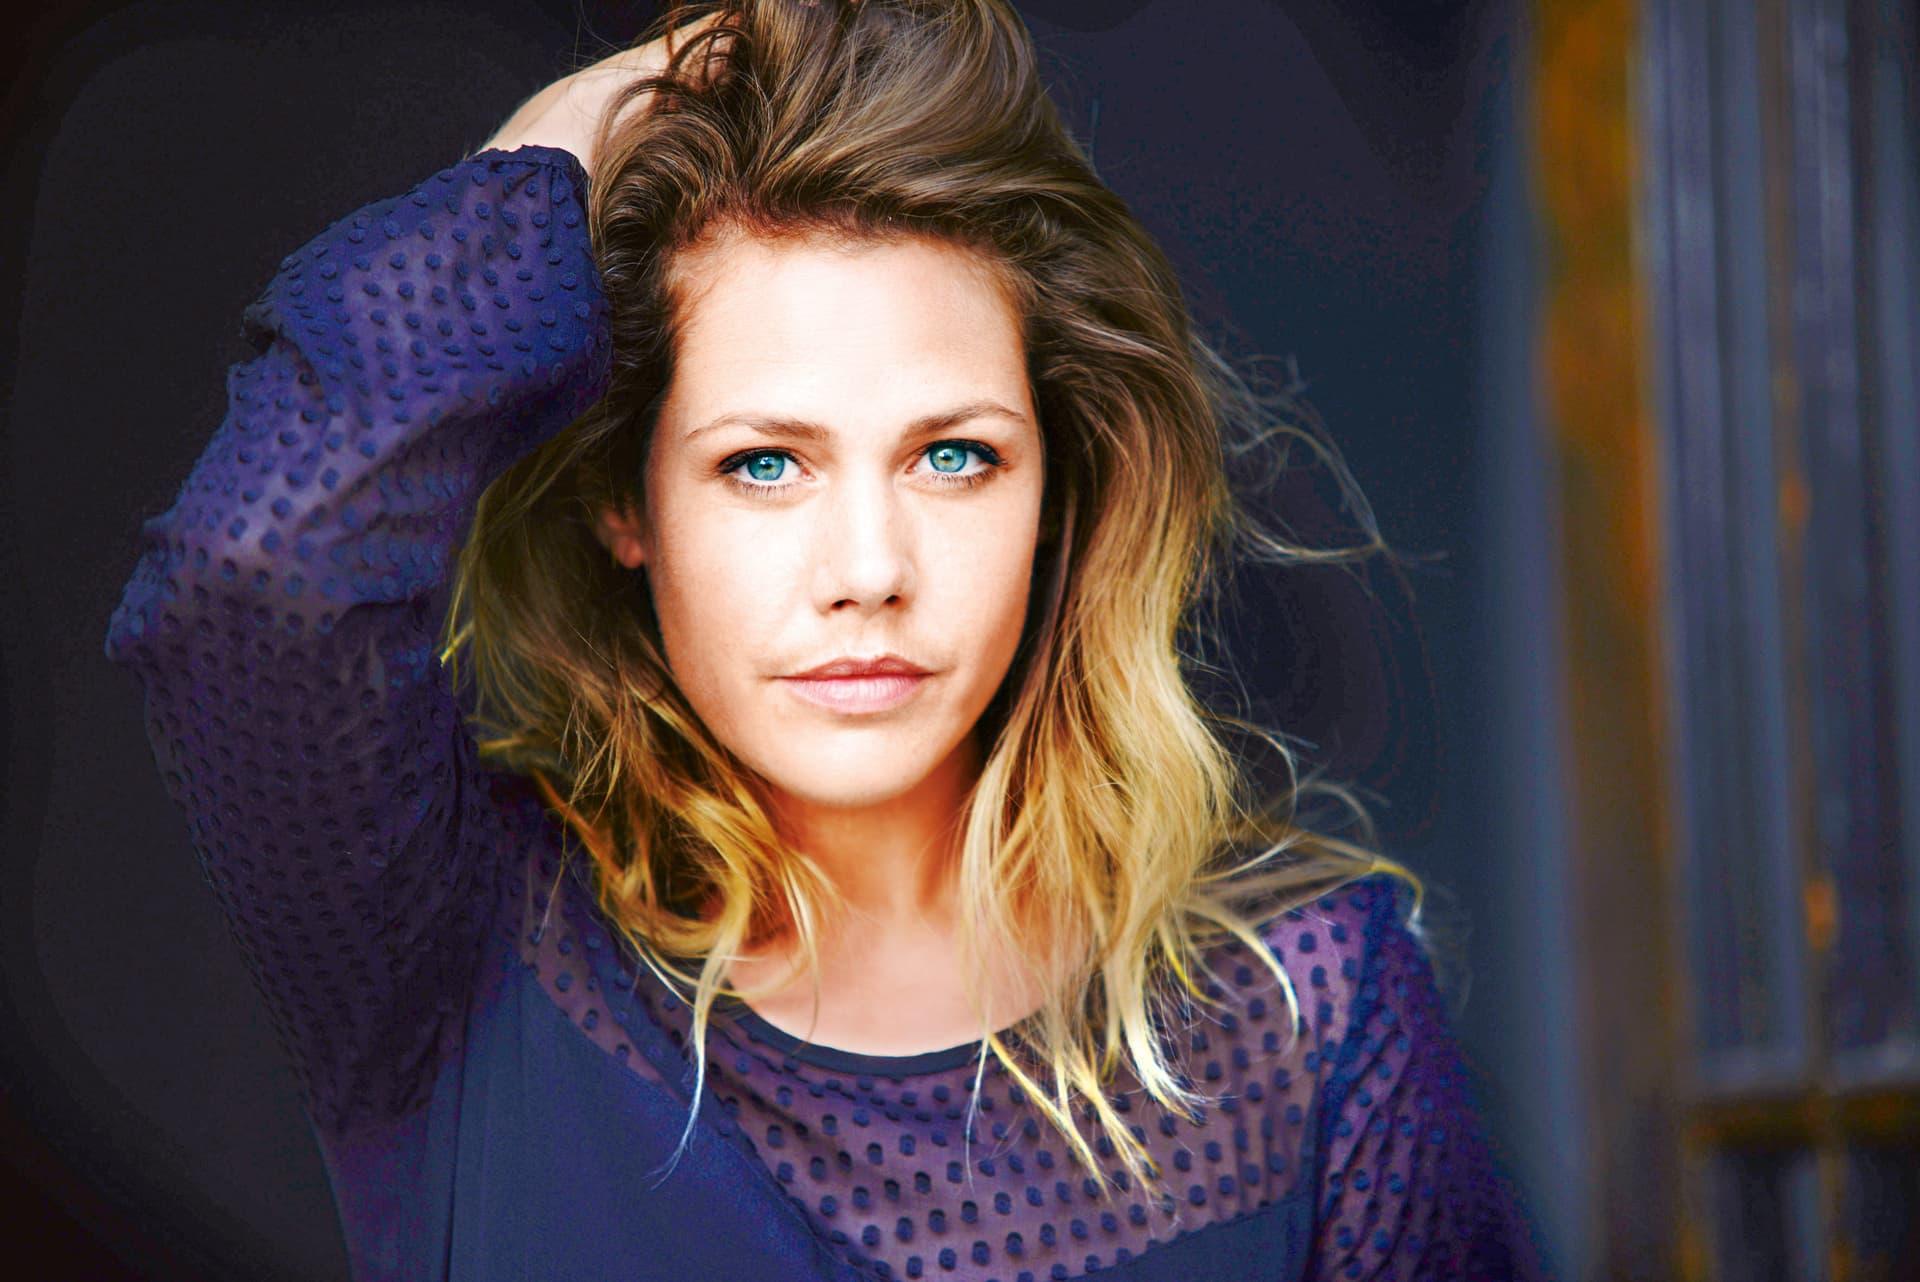 Die Schauspielerin Felicitas Woll blickt, mit der rechten Hand in ihren Haaren, in die Kamera.